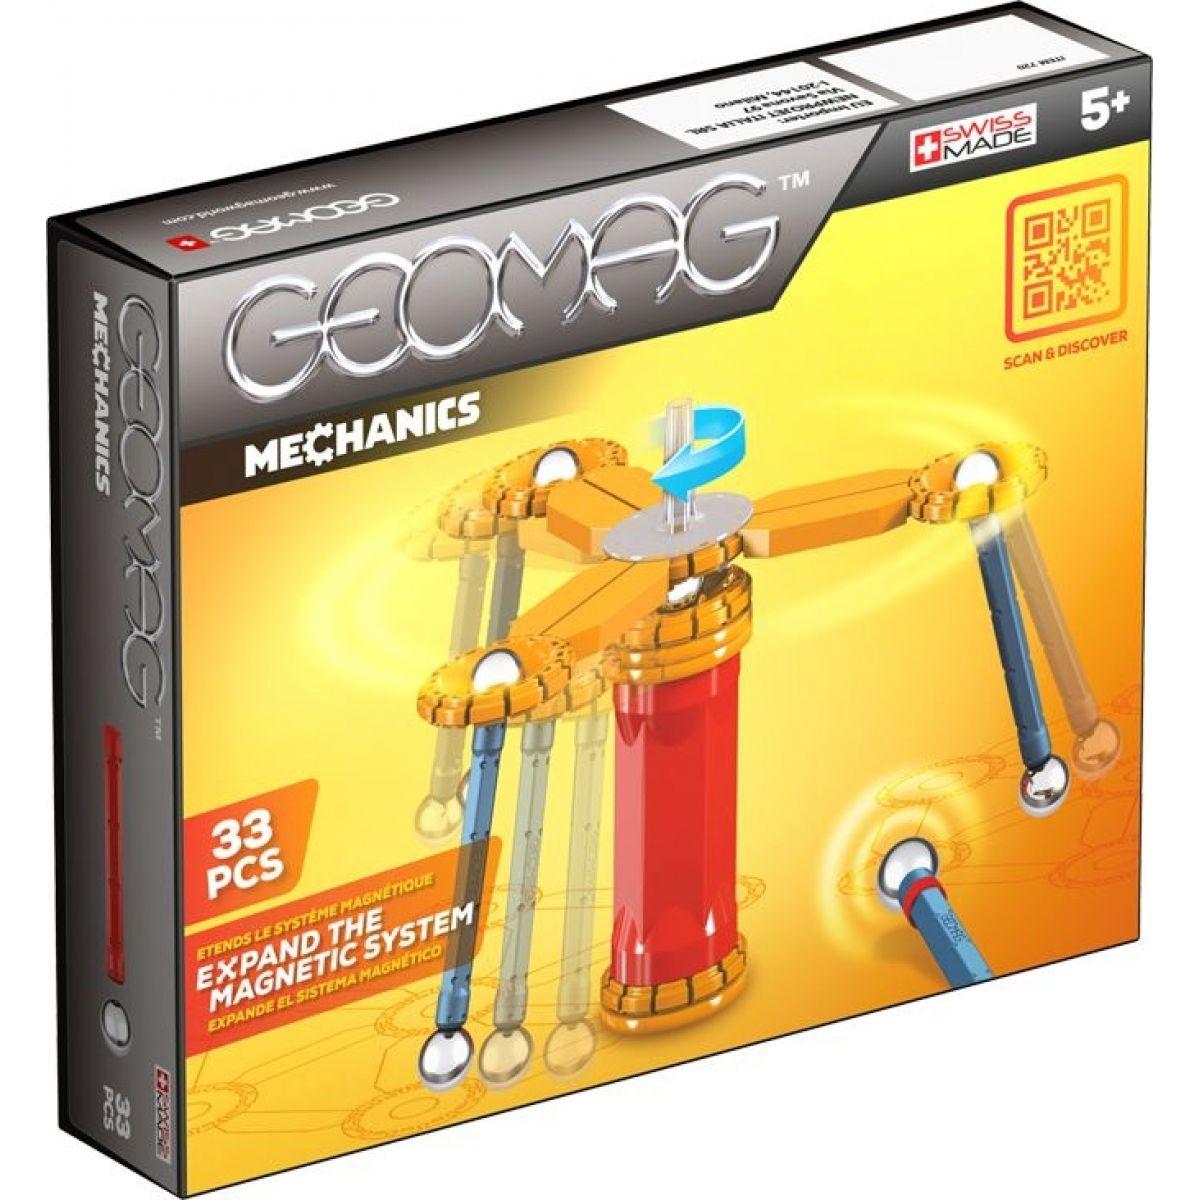 GEOMAG Mechanics 33